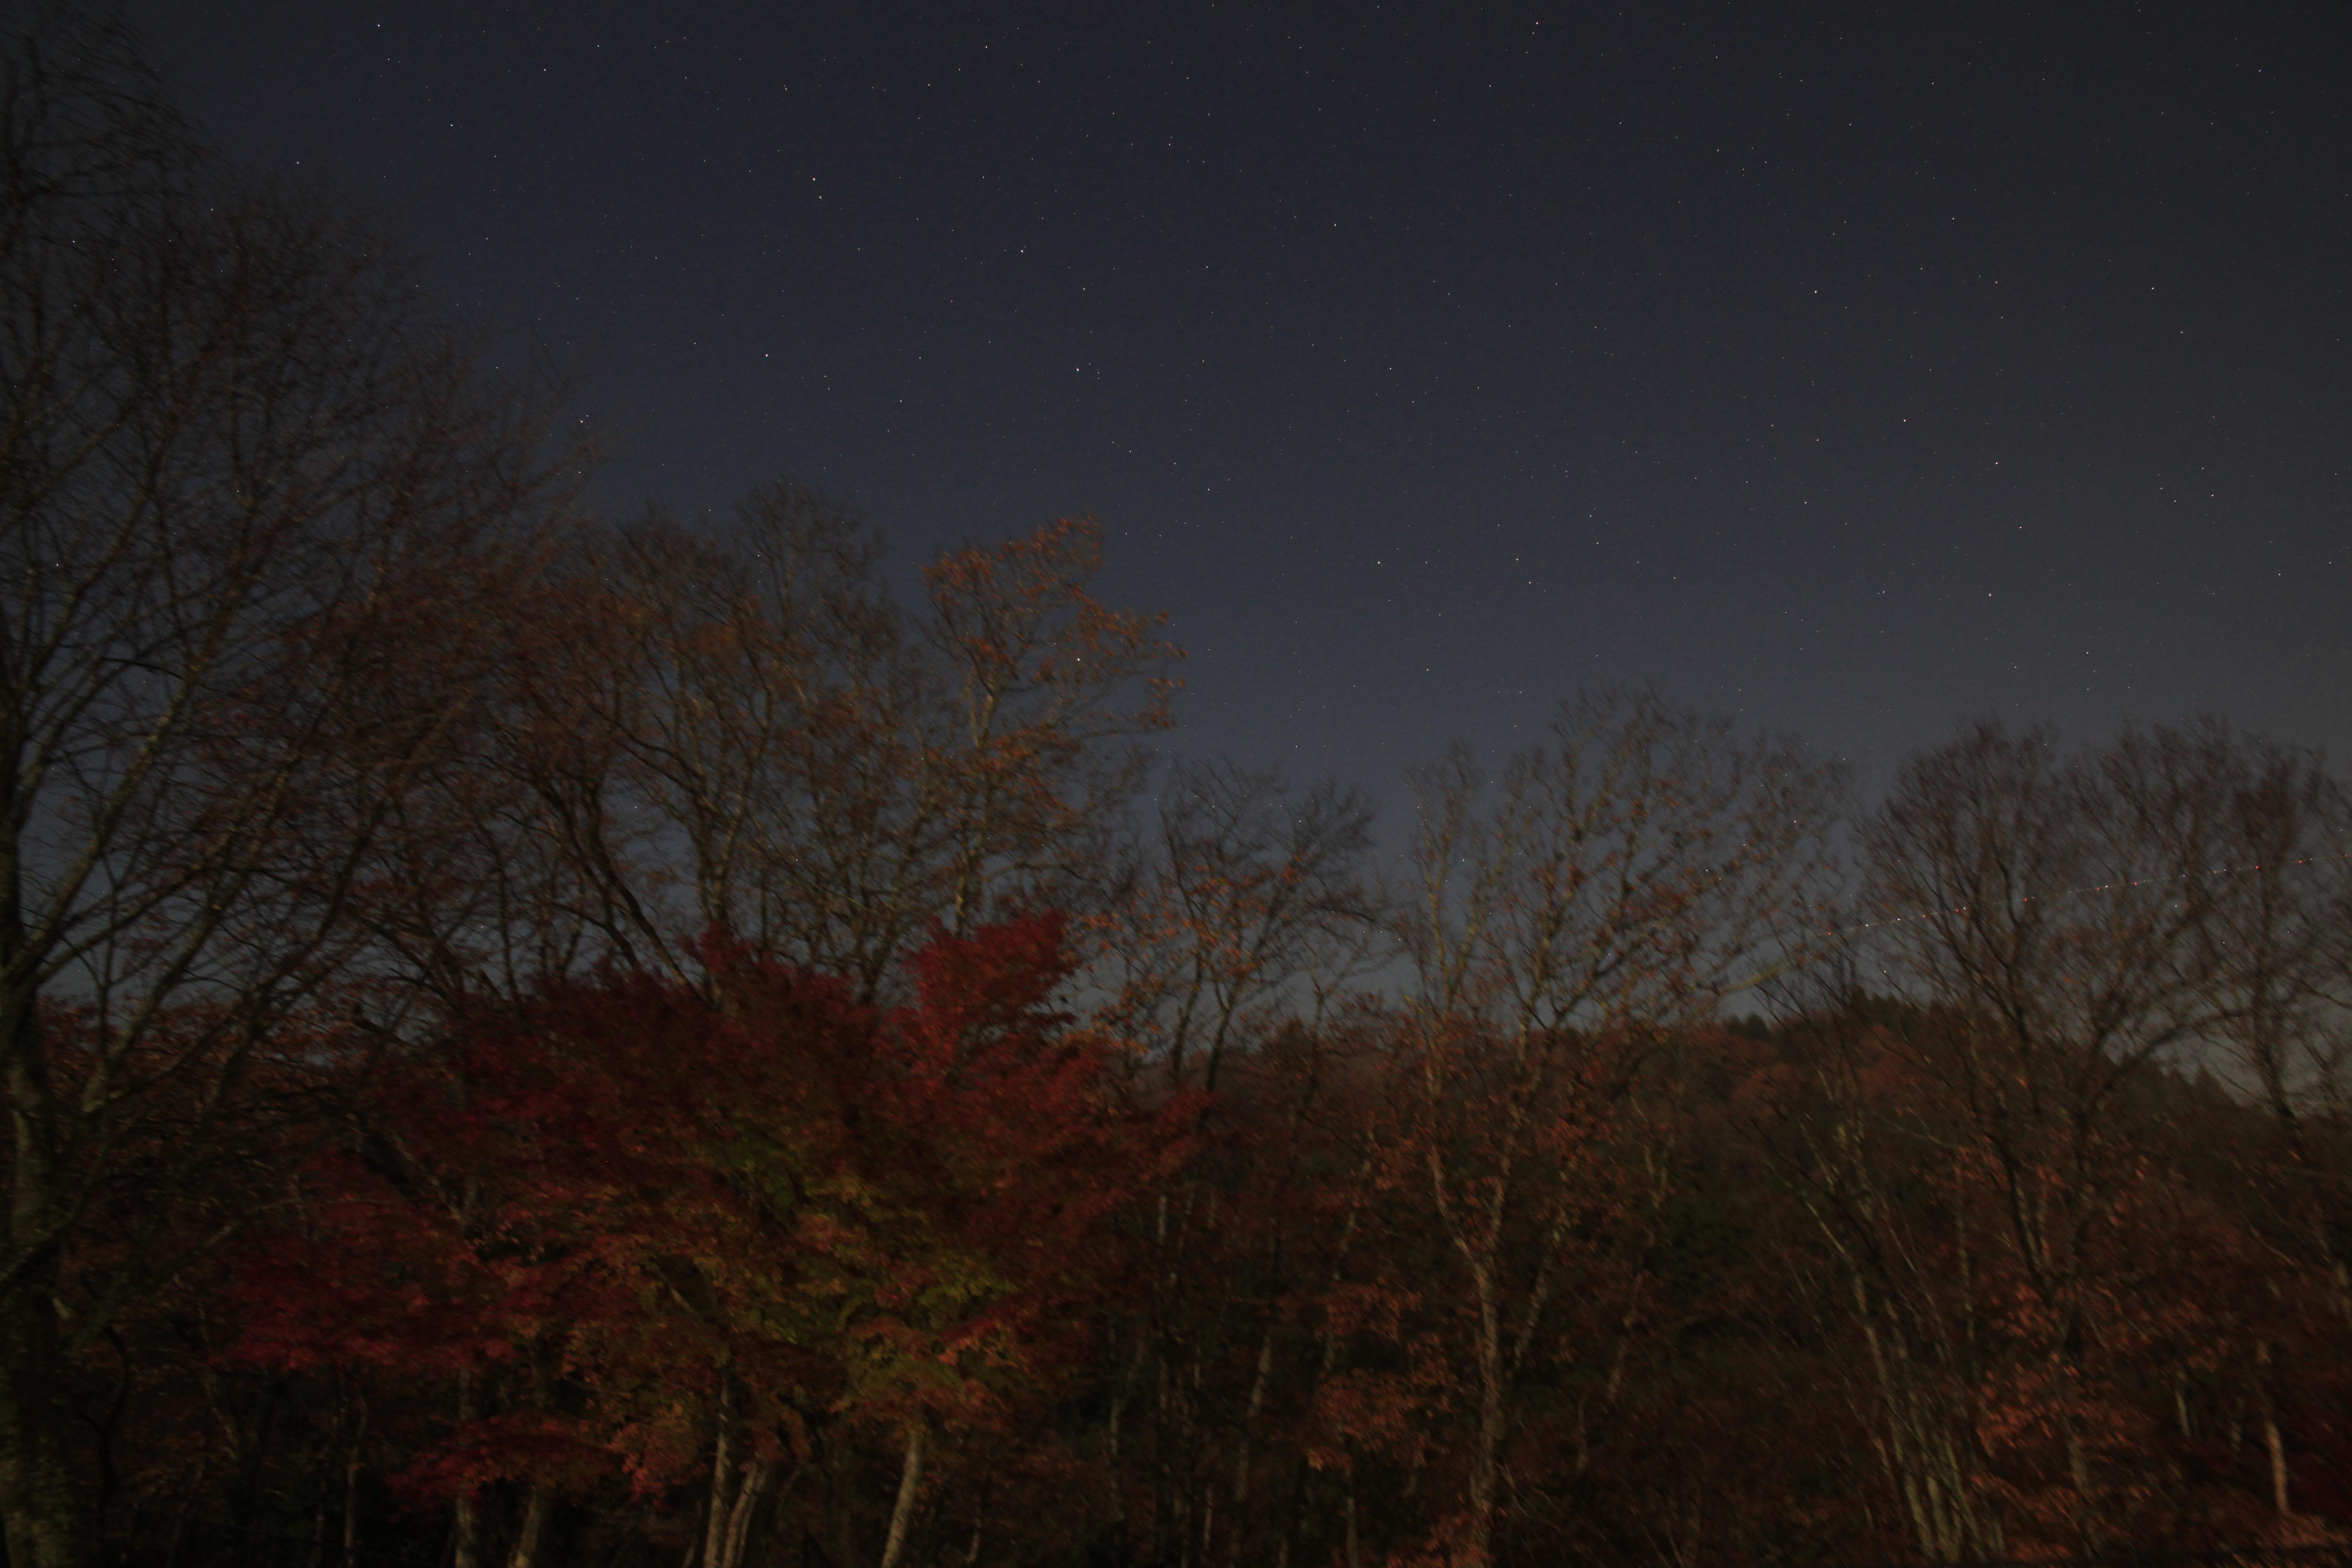 <b>ポラリエ使用(星追尾モード)。星は止まって鮮明に写っているが地上の風景がブレている。EOS 5D Mark II / 24-70mm F2.8 IF EX DG HSM / 約5.8MB / 5,616×3,744 / 60秒 / F8 / 0EV / ISO1250 / 24mm</b>